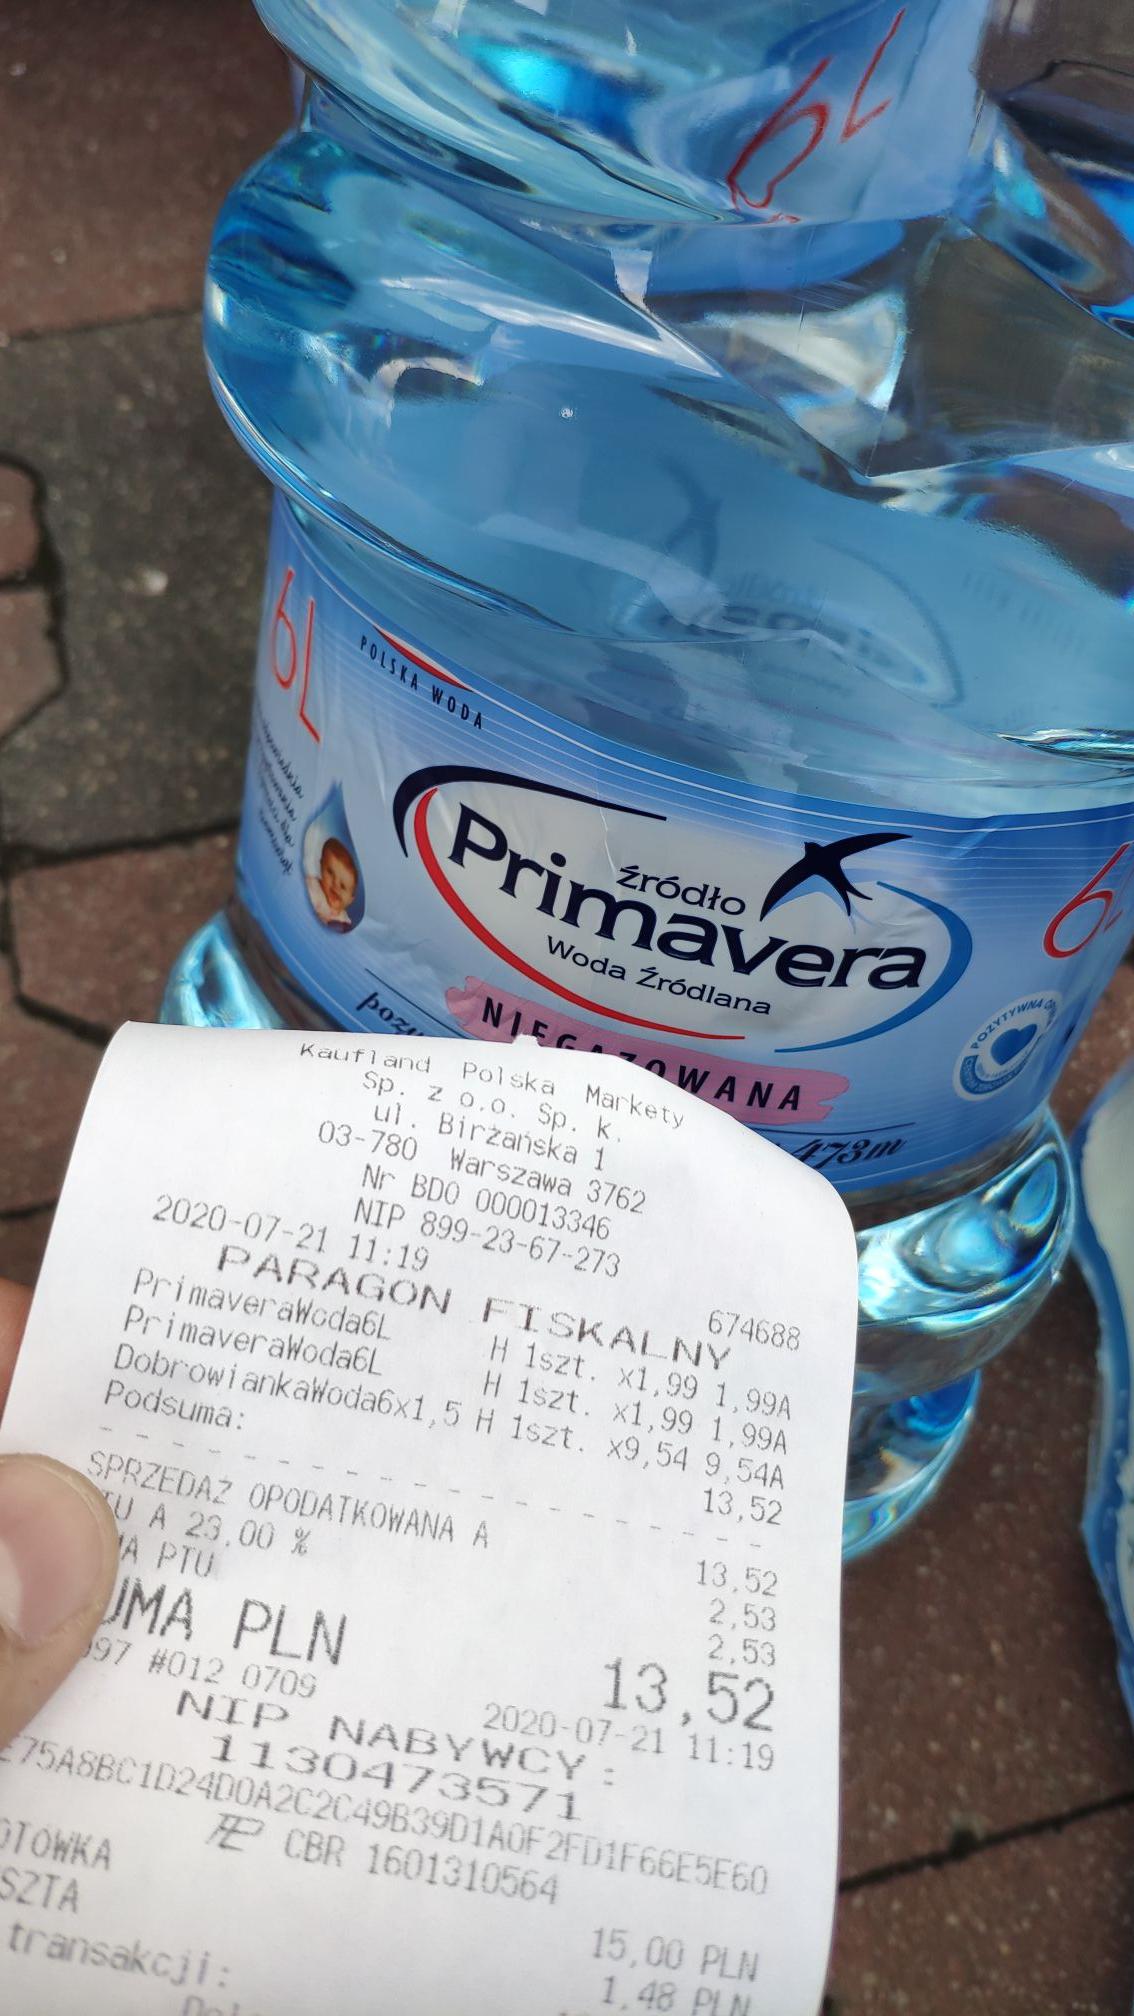 Woda Primavera 6litrów 1.99zł